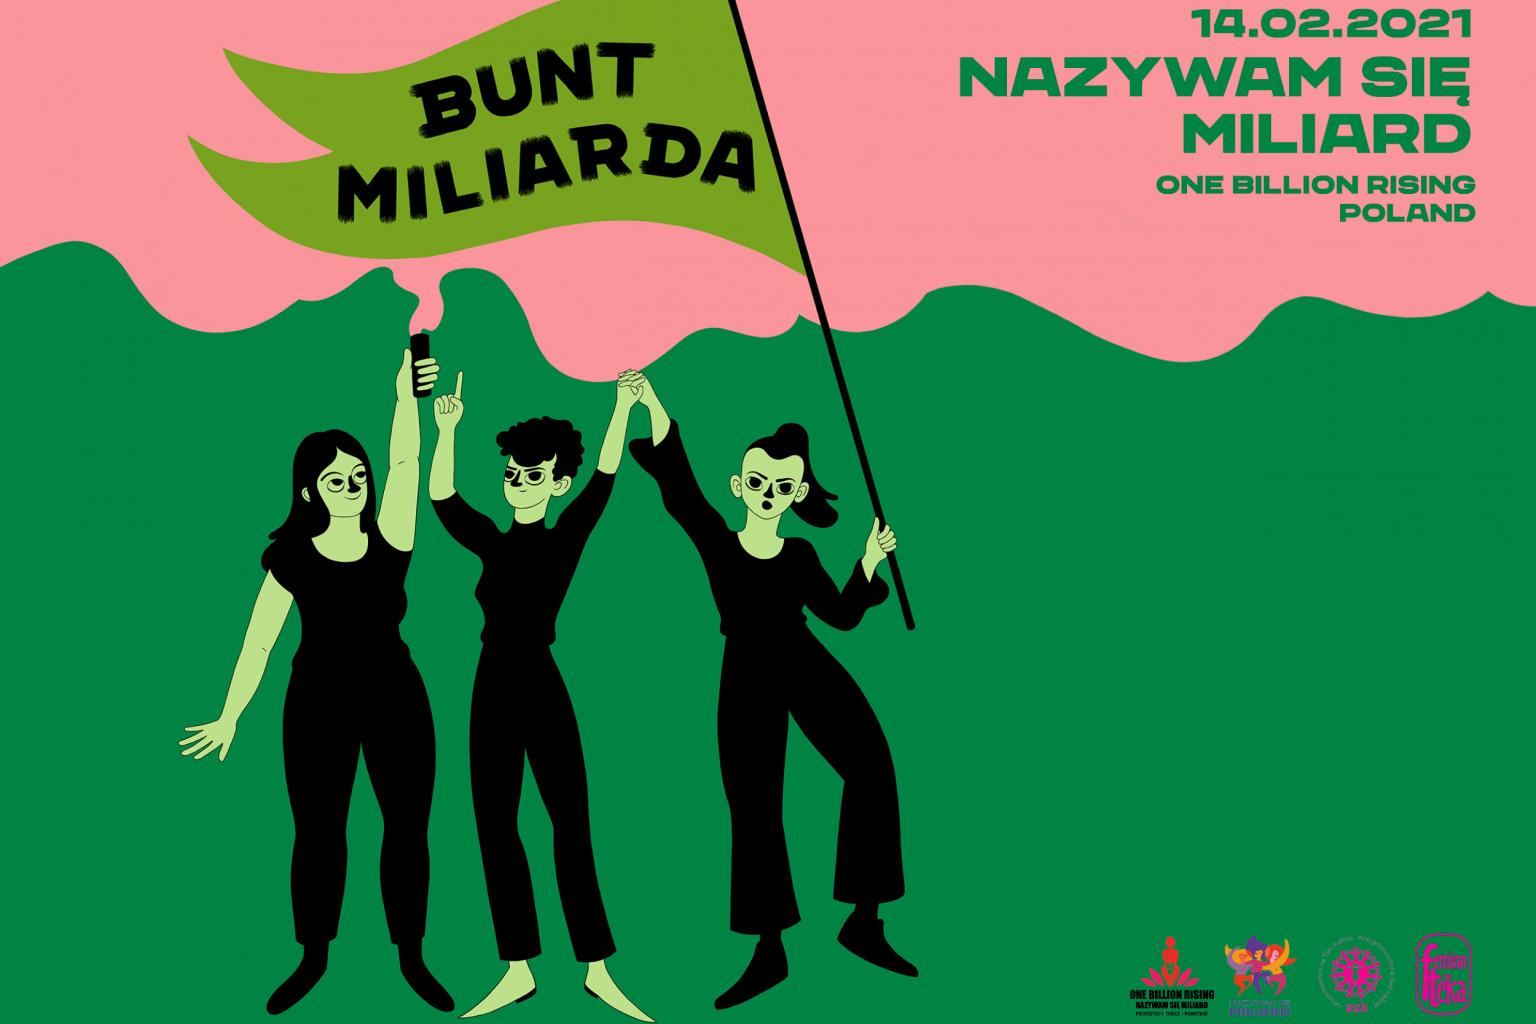 plakat wydarzenie z tańczącymi sylwetkami